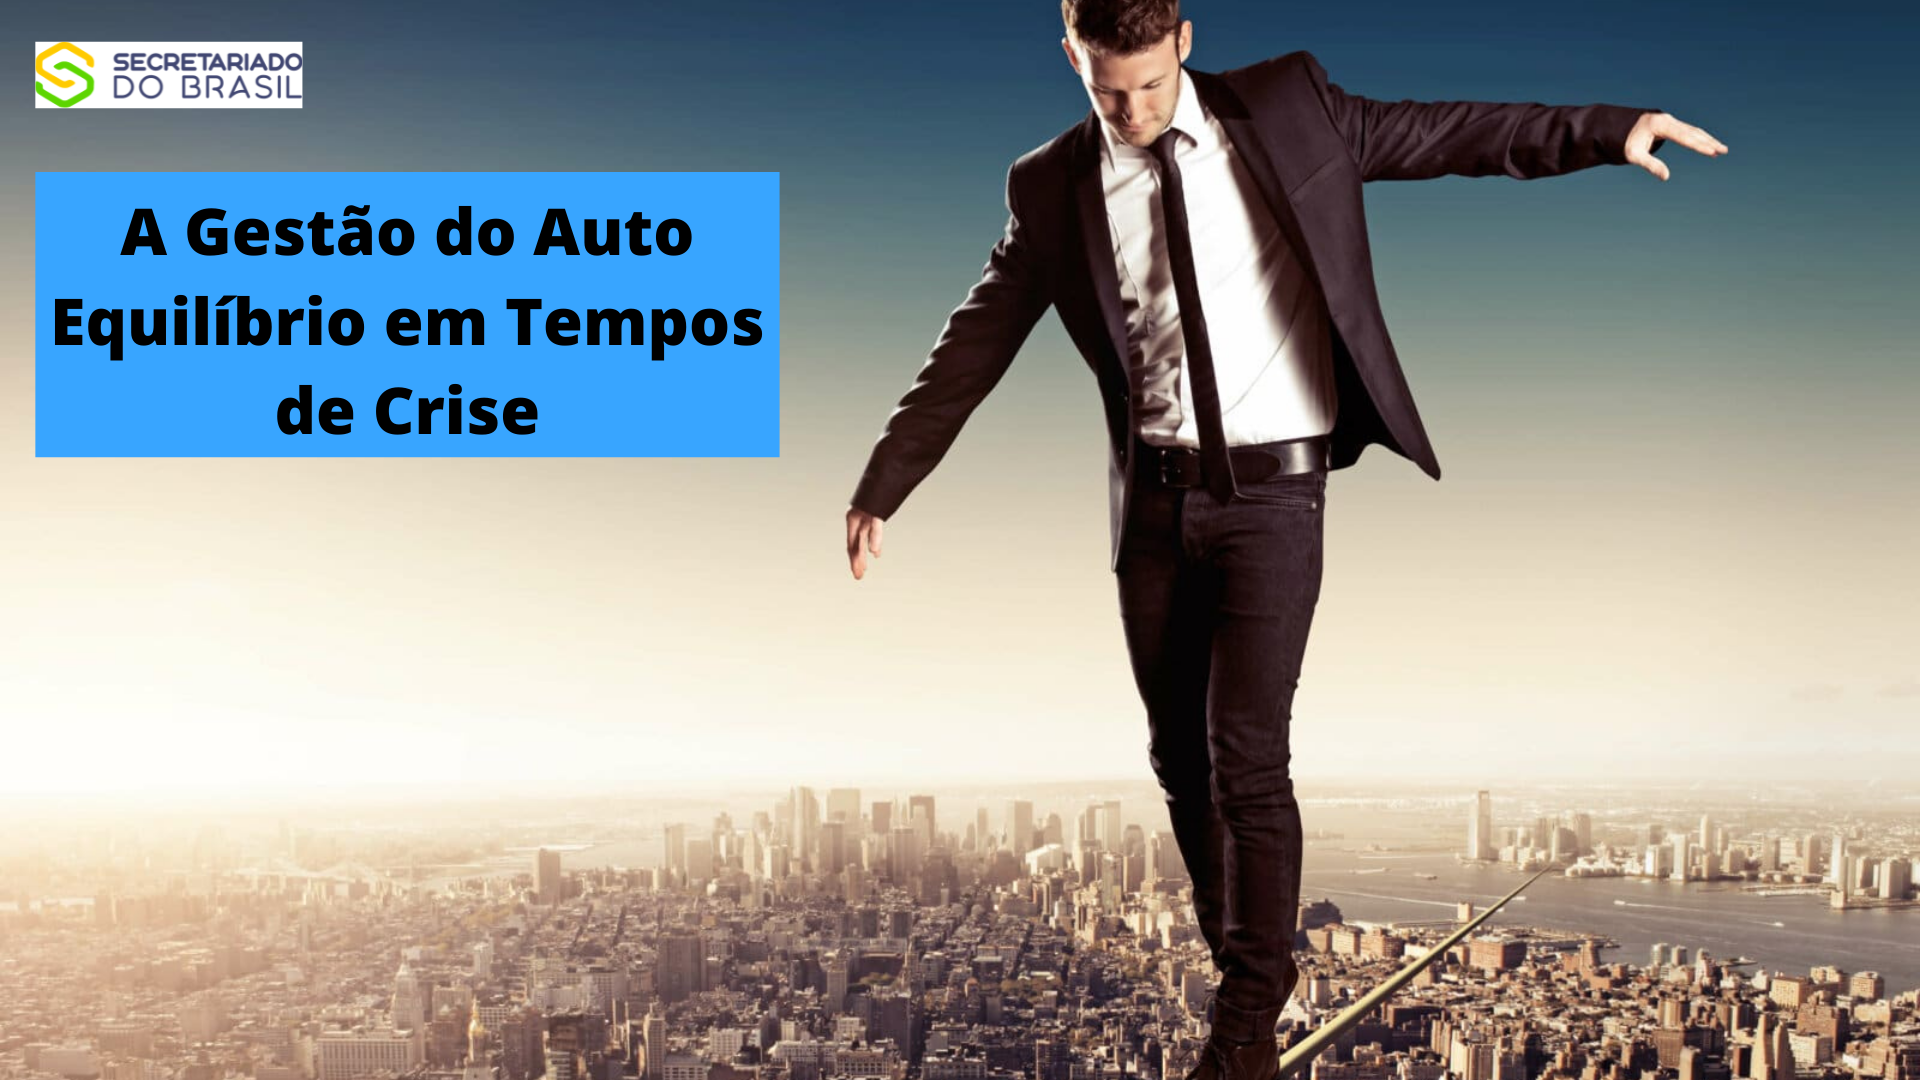 gestao_do_auto_equilibrio